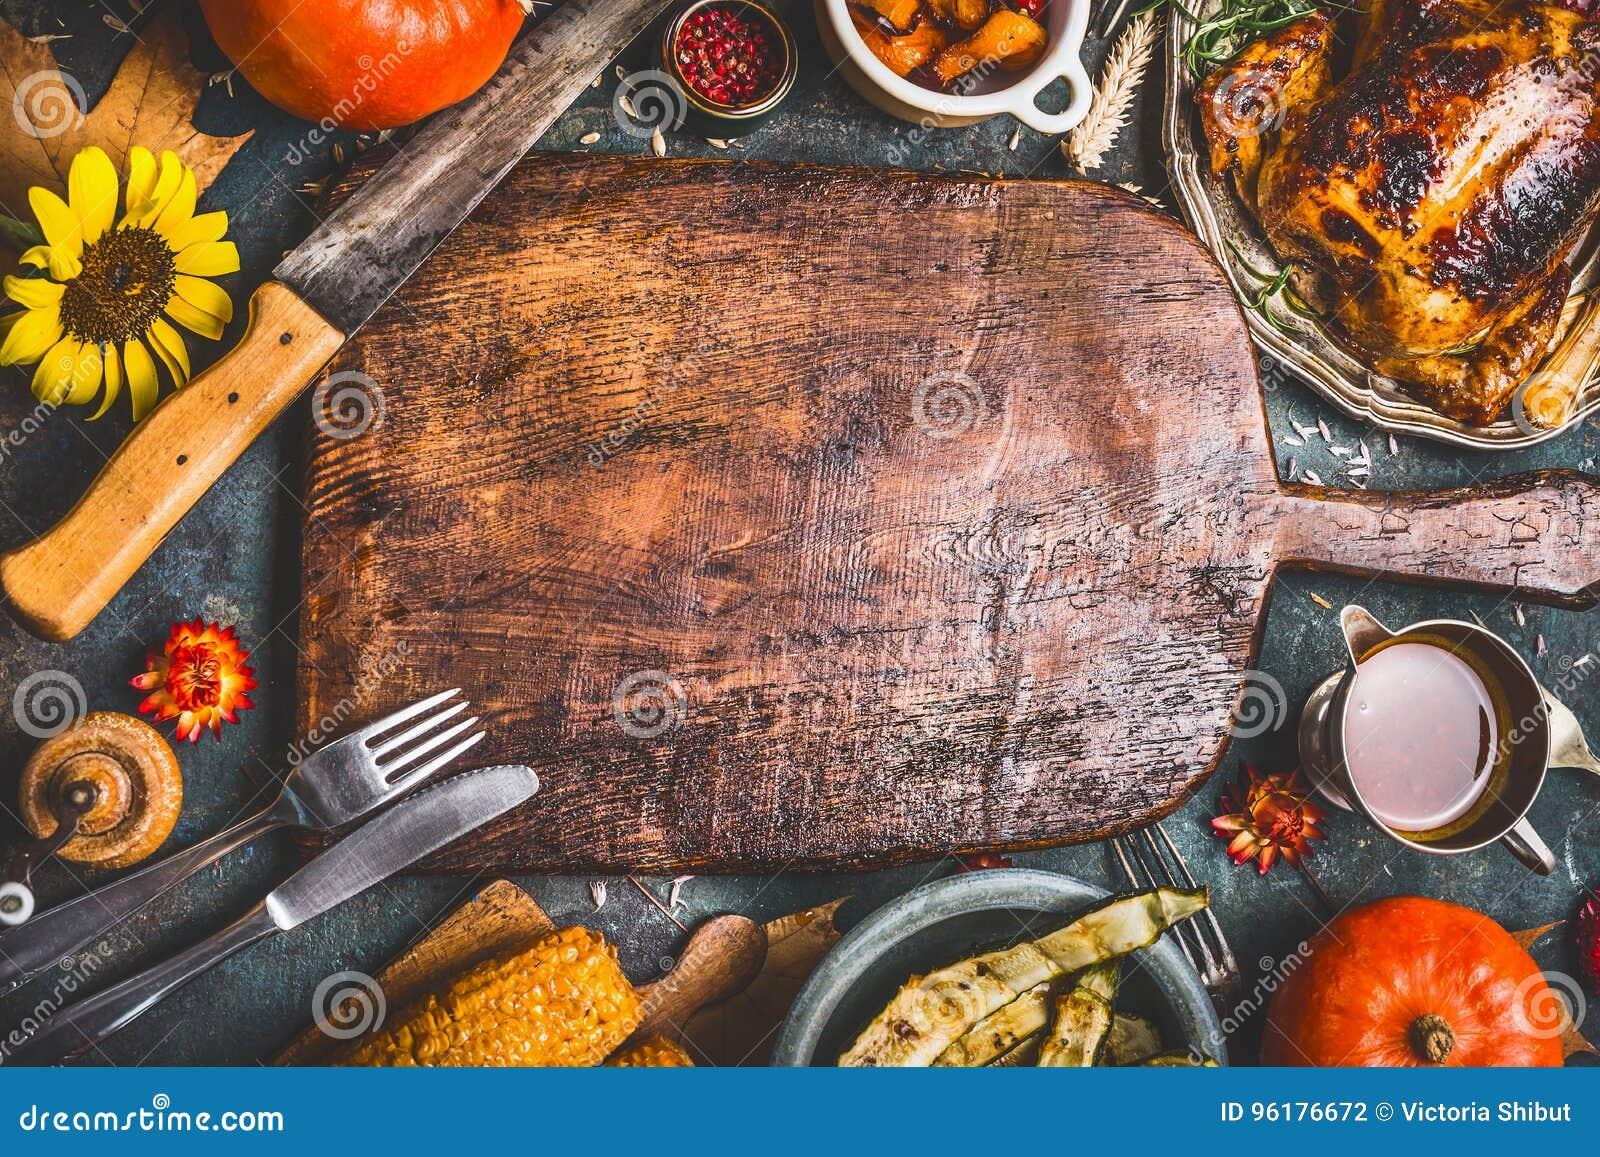 Το υπόβαθρο γευμάτων ημέρας των ευχαριστιών με την Τουρκία, σάλτσα, έψησε τα λαχανικά, καλαμπόκι, μαχαιροπήρουνα, κολοκύθα στη σχ